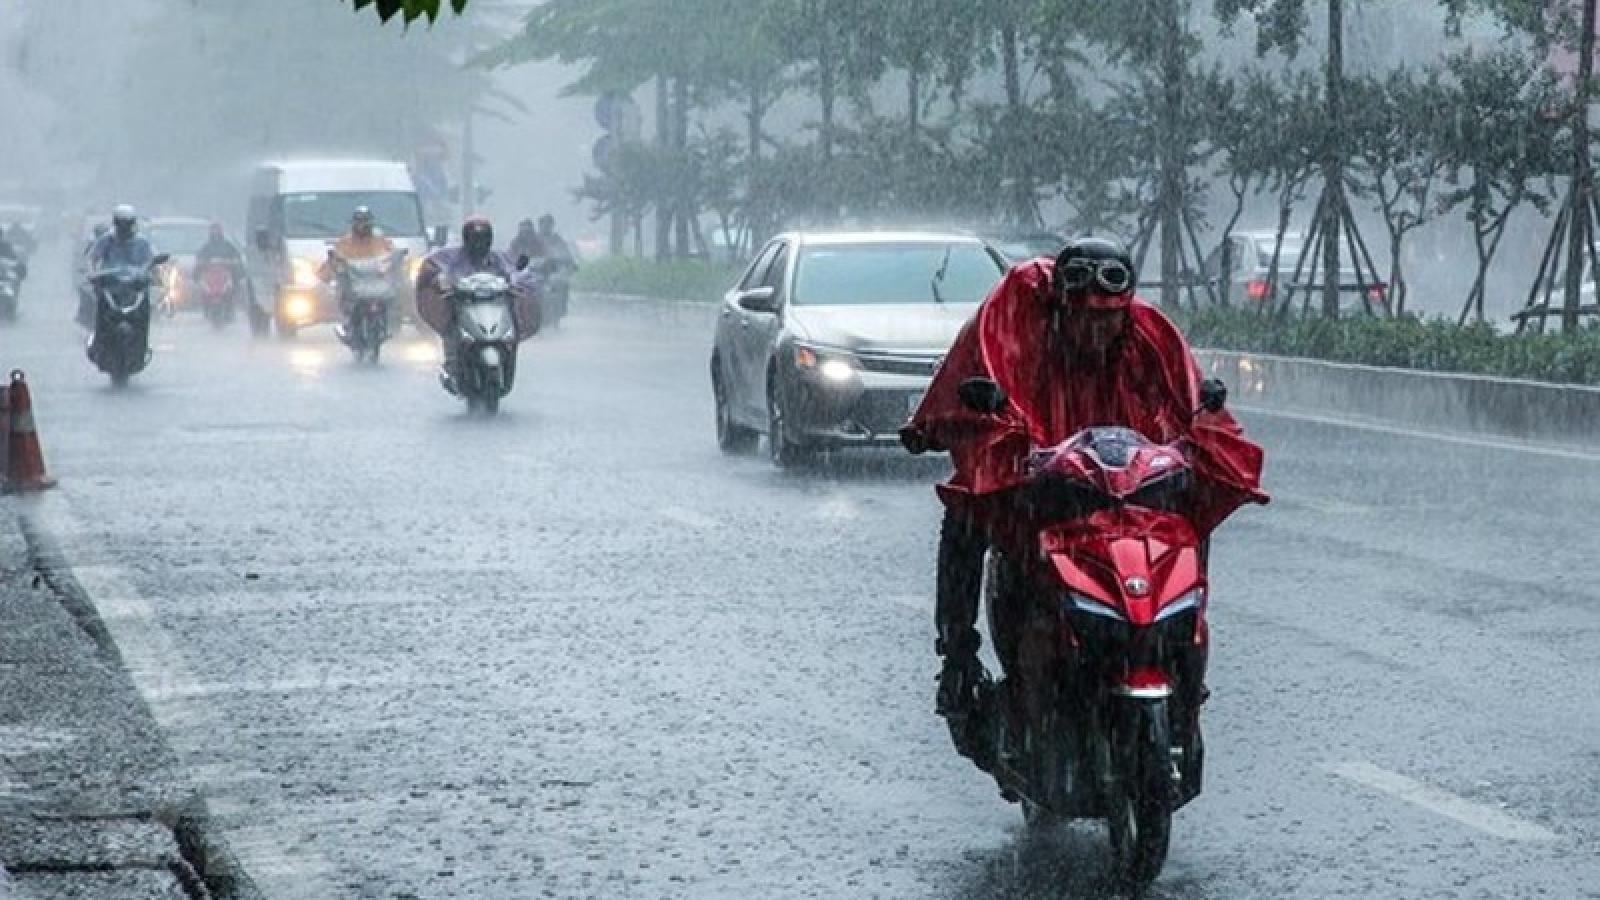 TPHCM: Hàng loạt ô tô, xe máy chìm trong biển nước sau mưa lớn